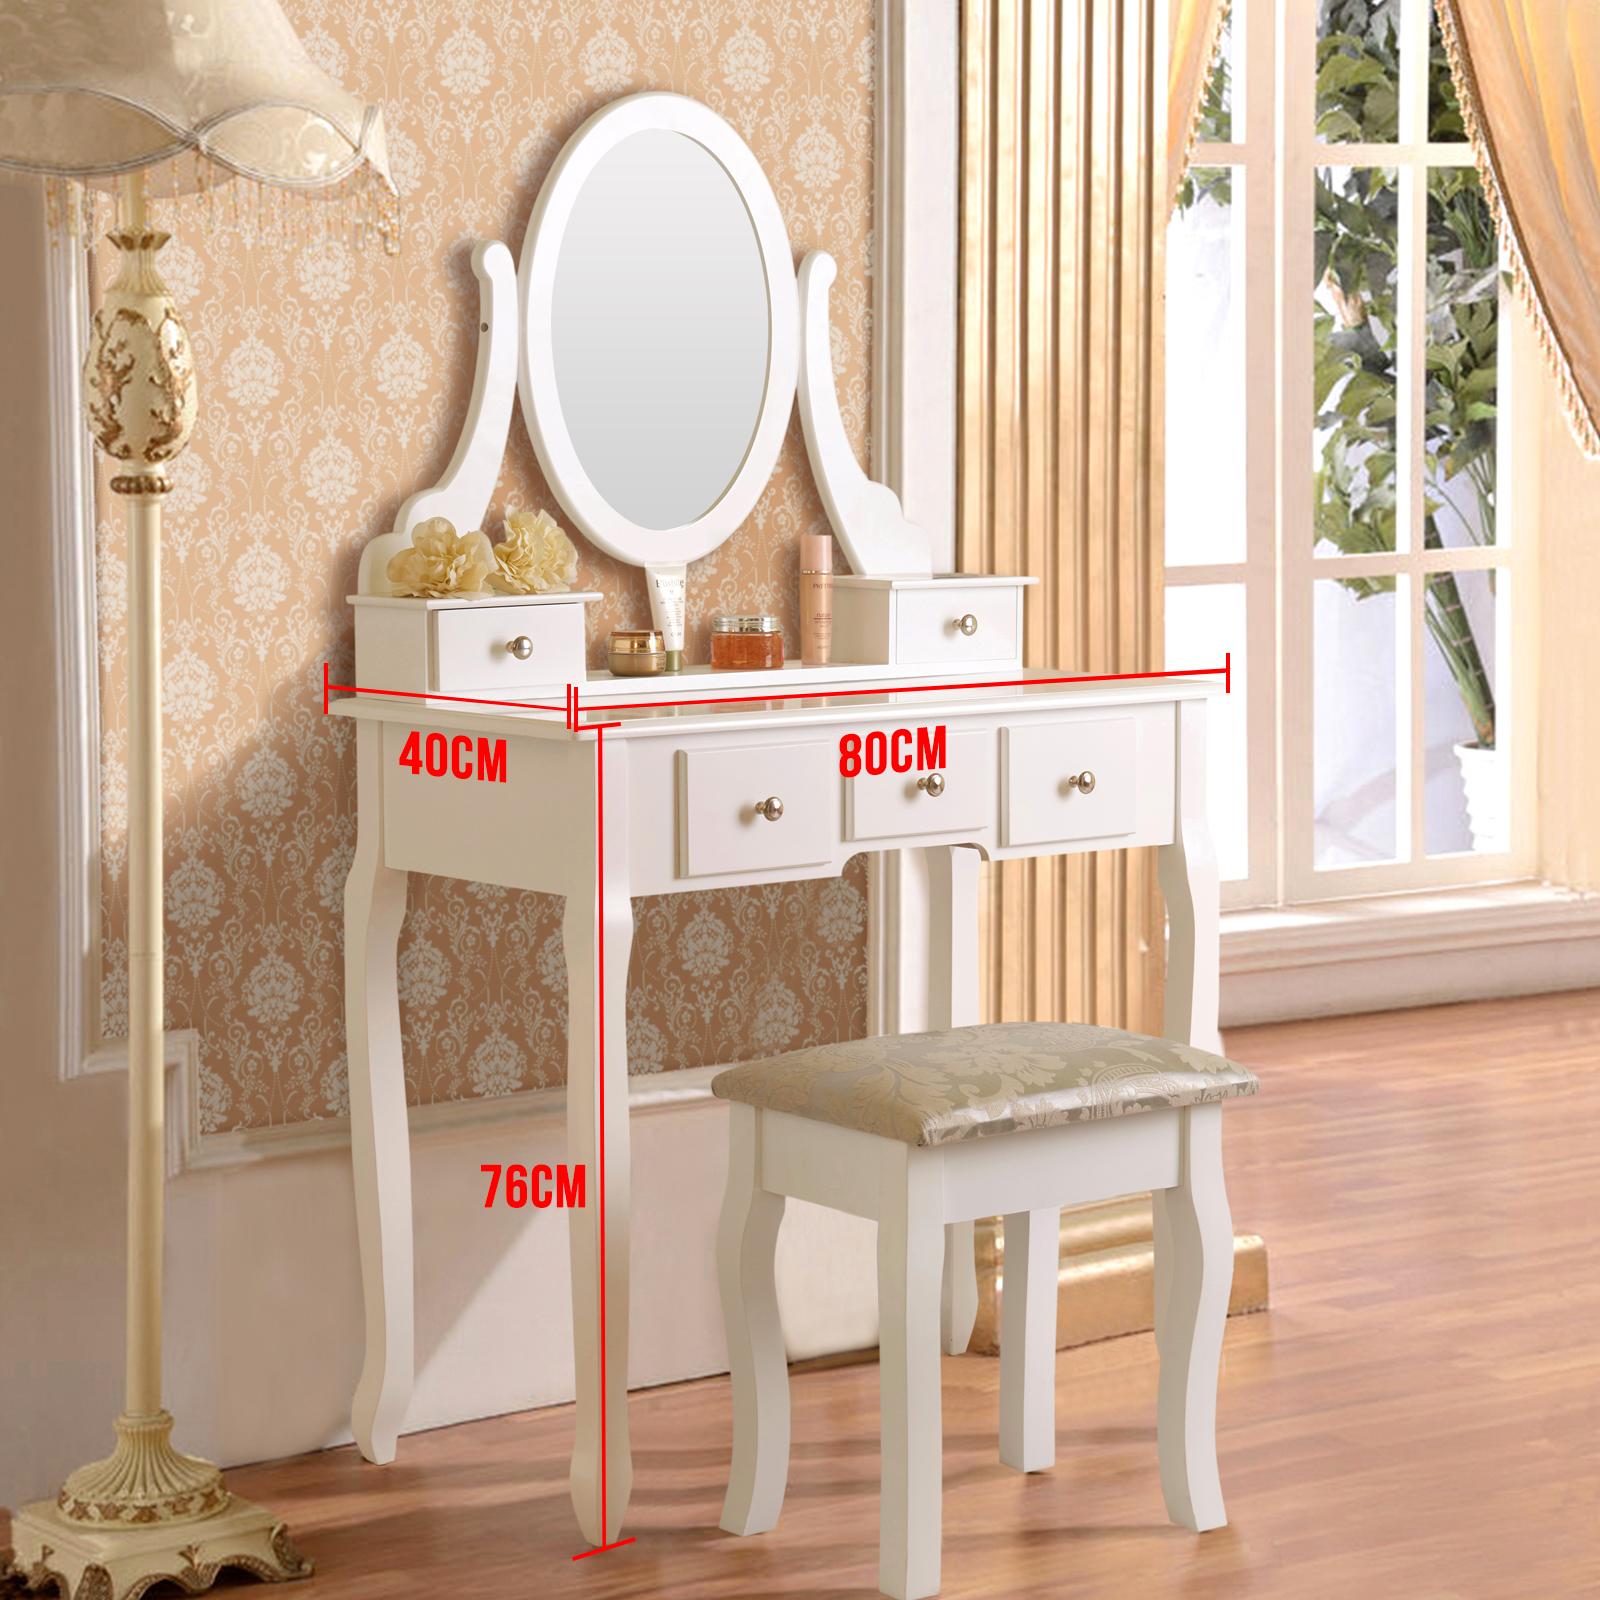 uenjoy schminktisch wei kosmetiktisch mit hocker spiegel 5 schubladen ebay. Black Bedroom Furniture Sets. Home Design Ideas